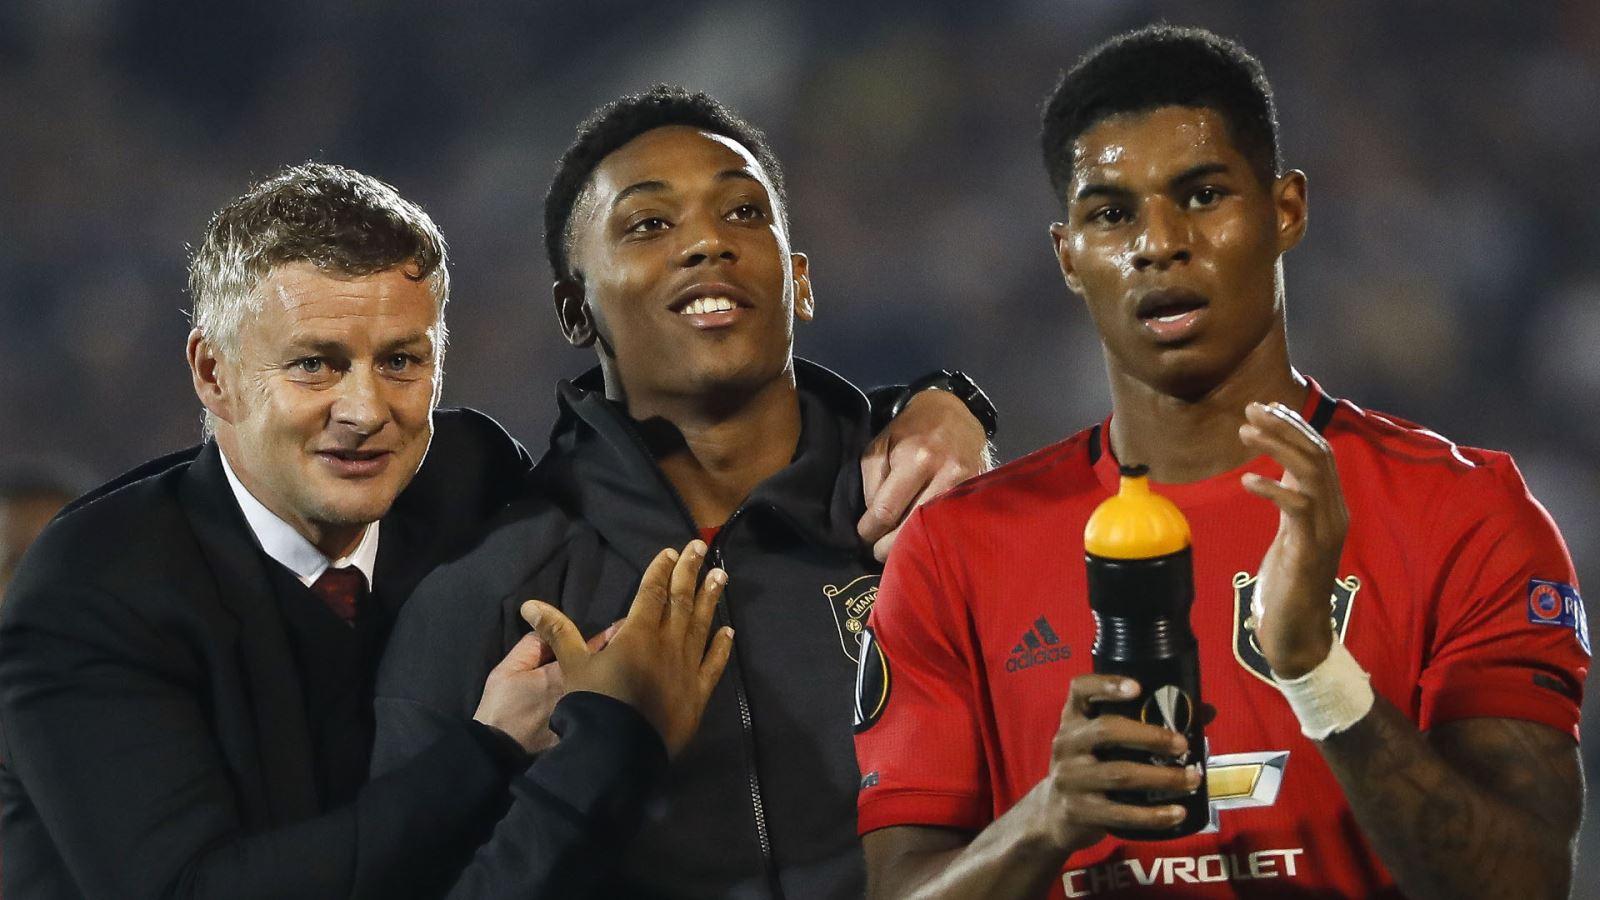 MU, Ket qua bong da, kết quả bóng đá Anh hôm nay, Norwich 1-3 MU, kết quả bóng đá hôm nay, kết quả MU đấu với Norwich, video clip Norwich 1-3 MU, kết quả bóng đá Anh